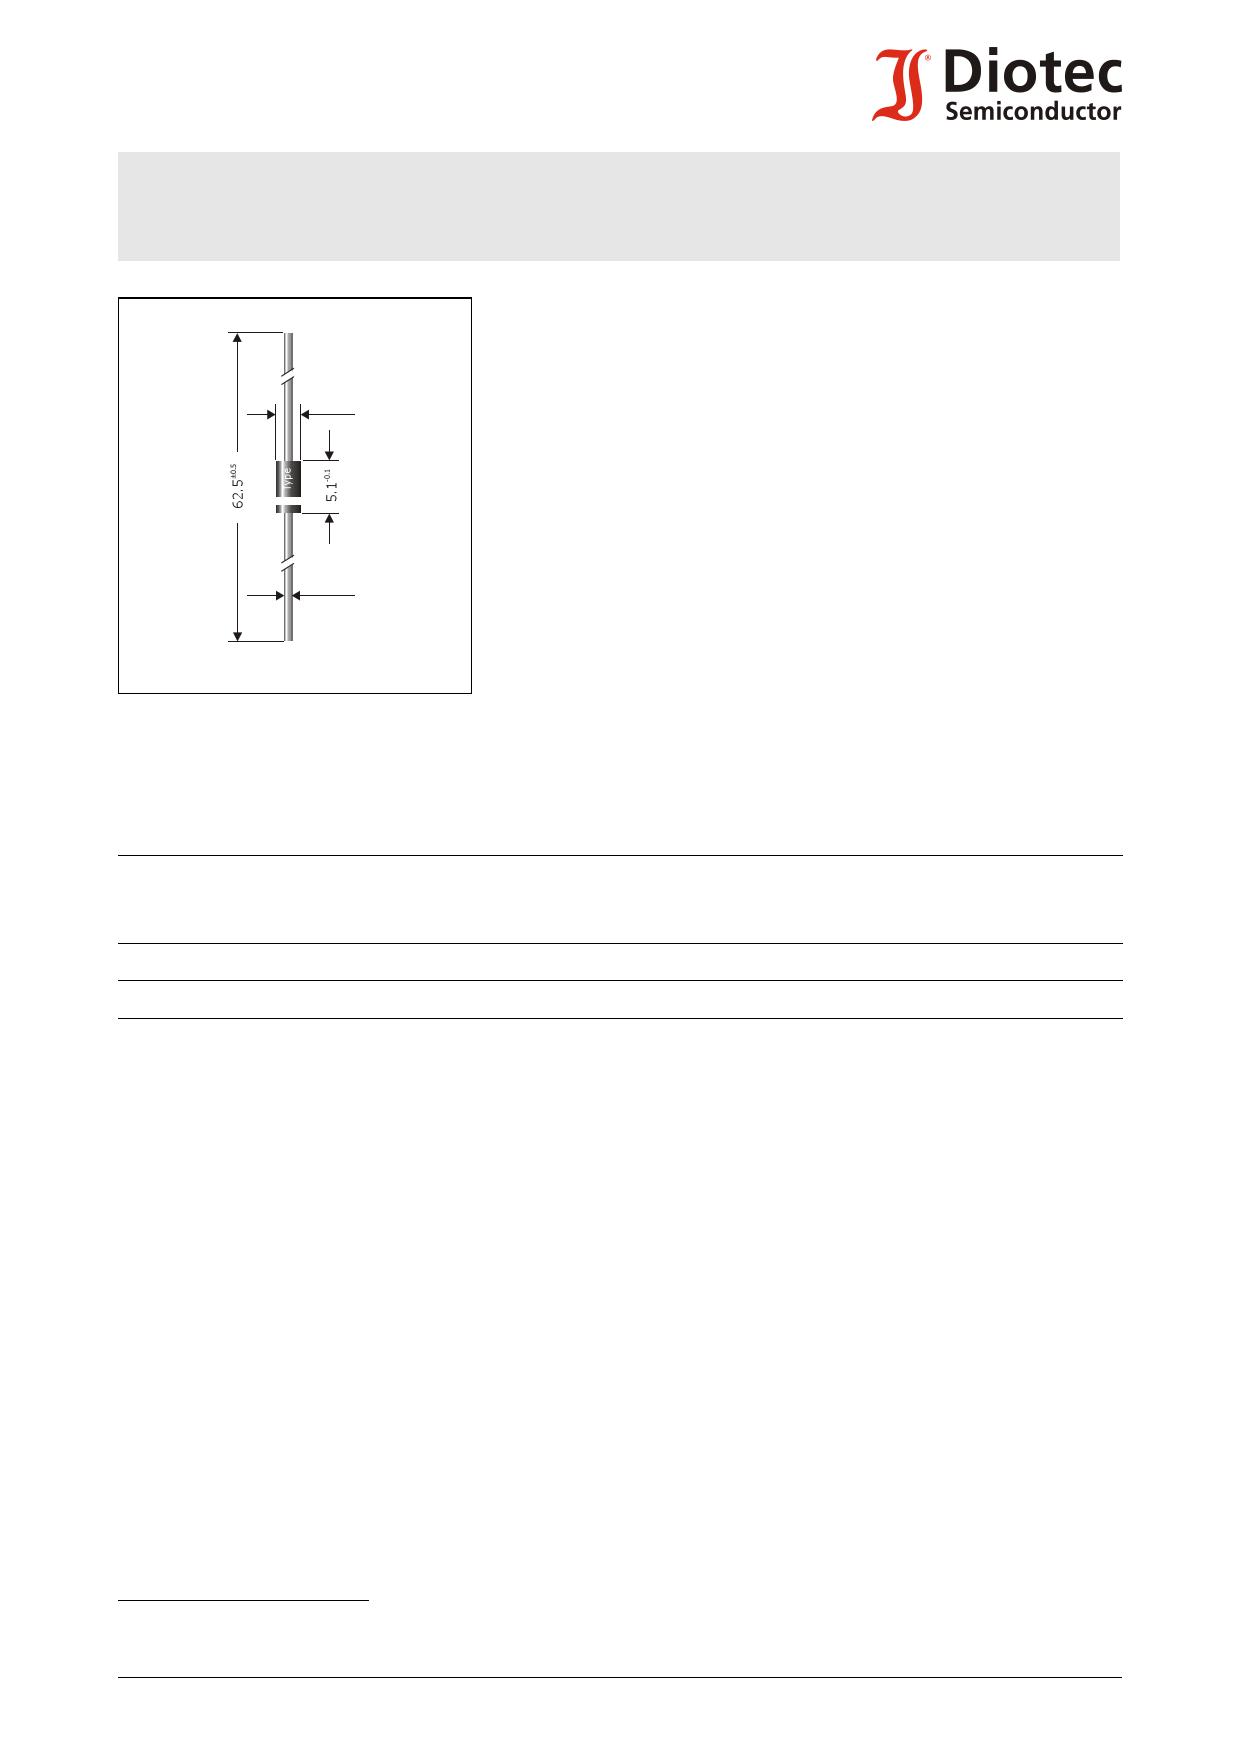 D-BYW38 datasheet